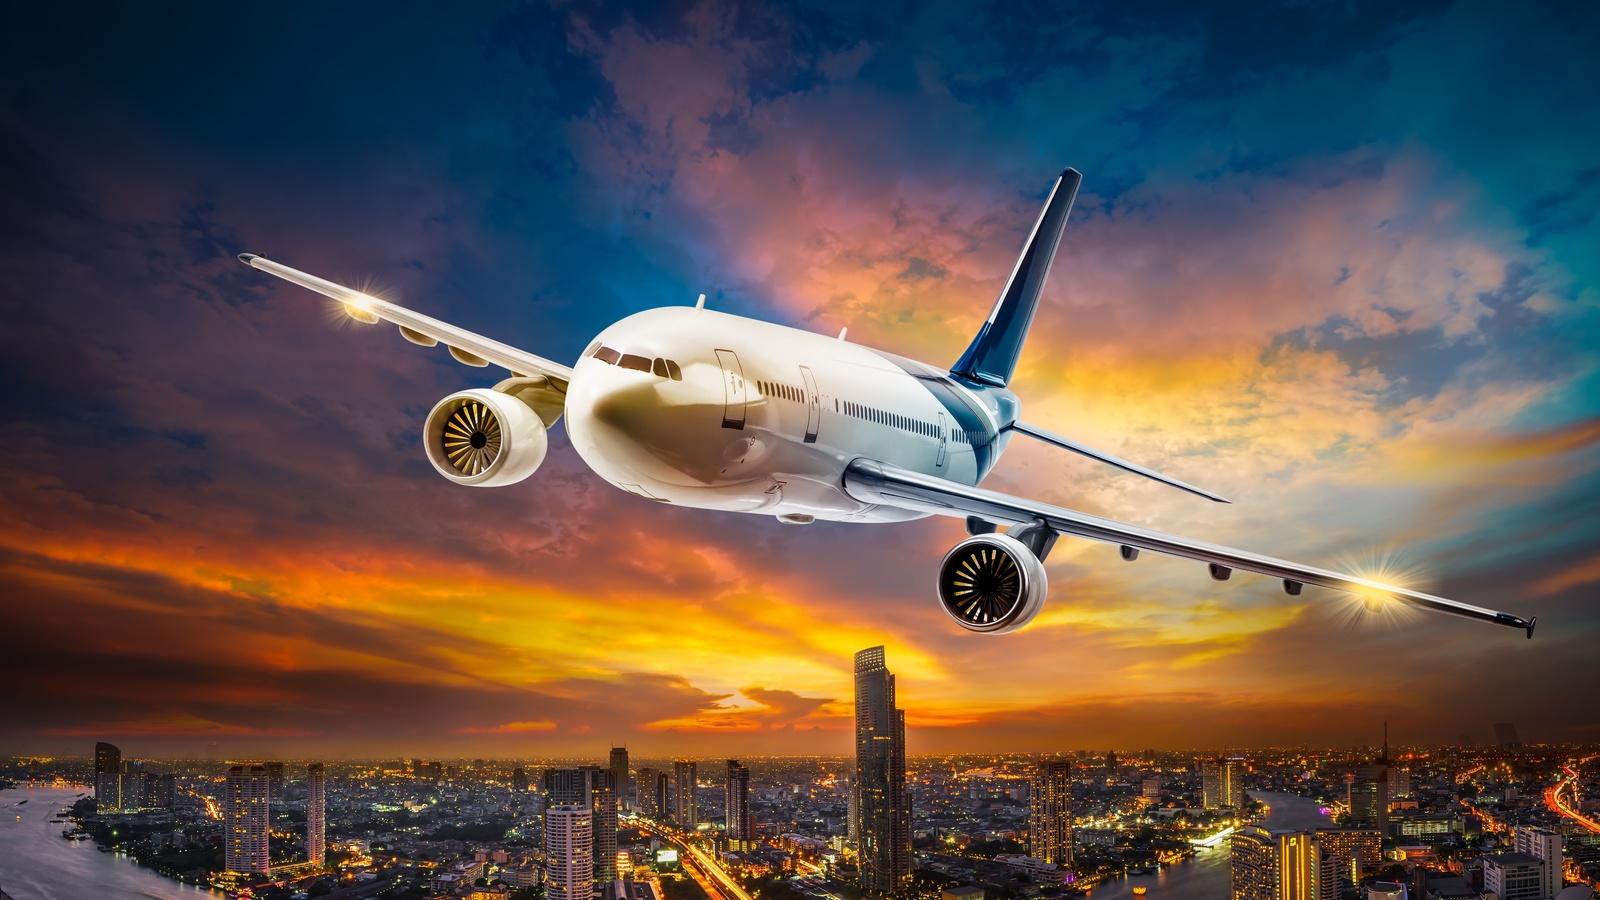 облагораживая земельный картинка как летают самолеты можно изготовить даже